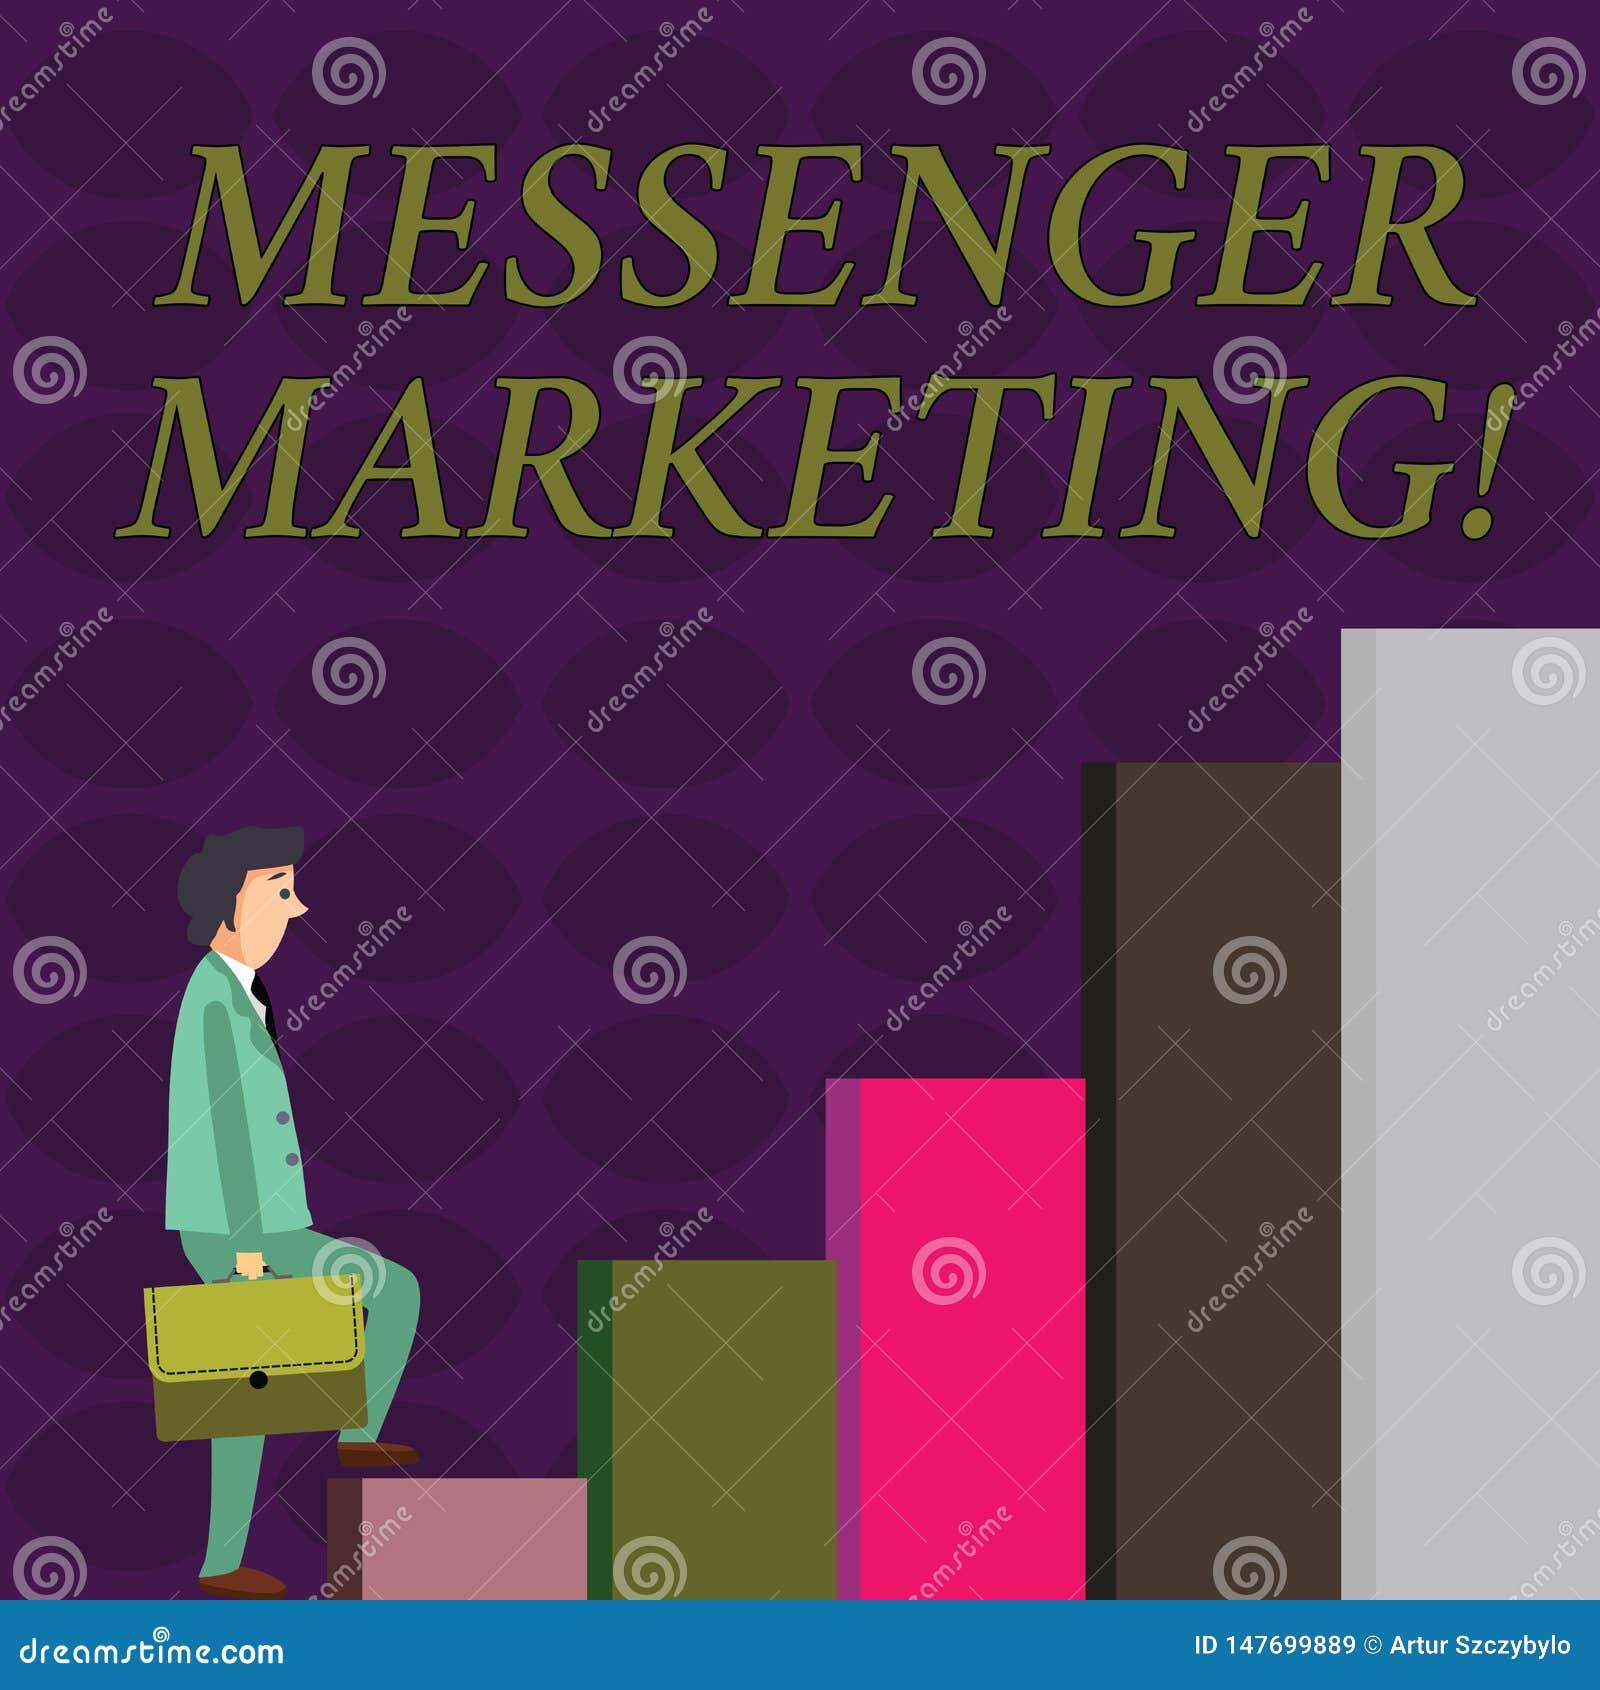 文本标志陈列信使营销 行销概念性照片行动对您的使用传讯应用程序的顾客的